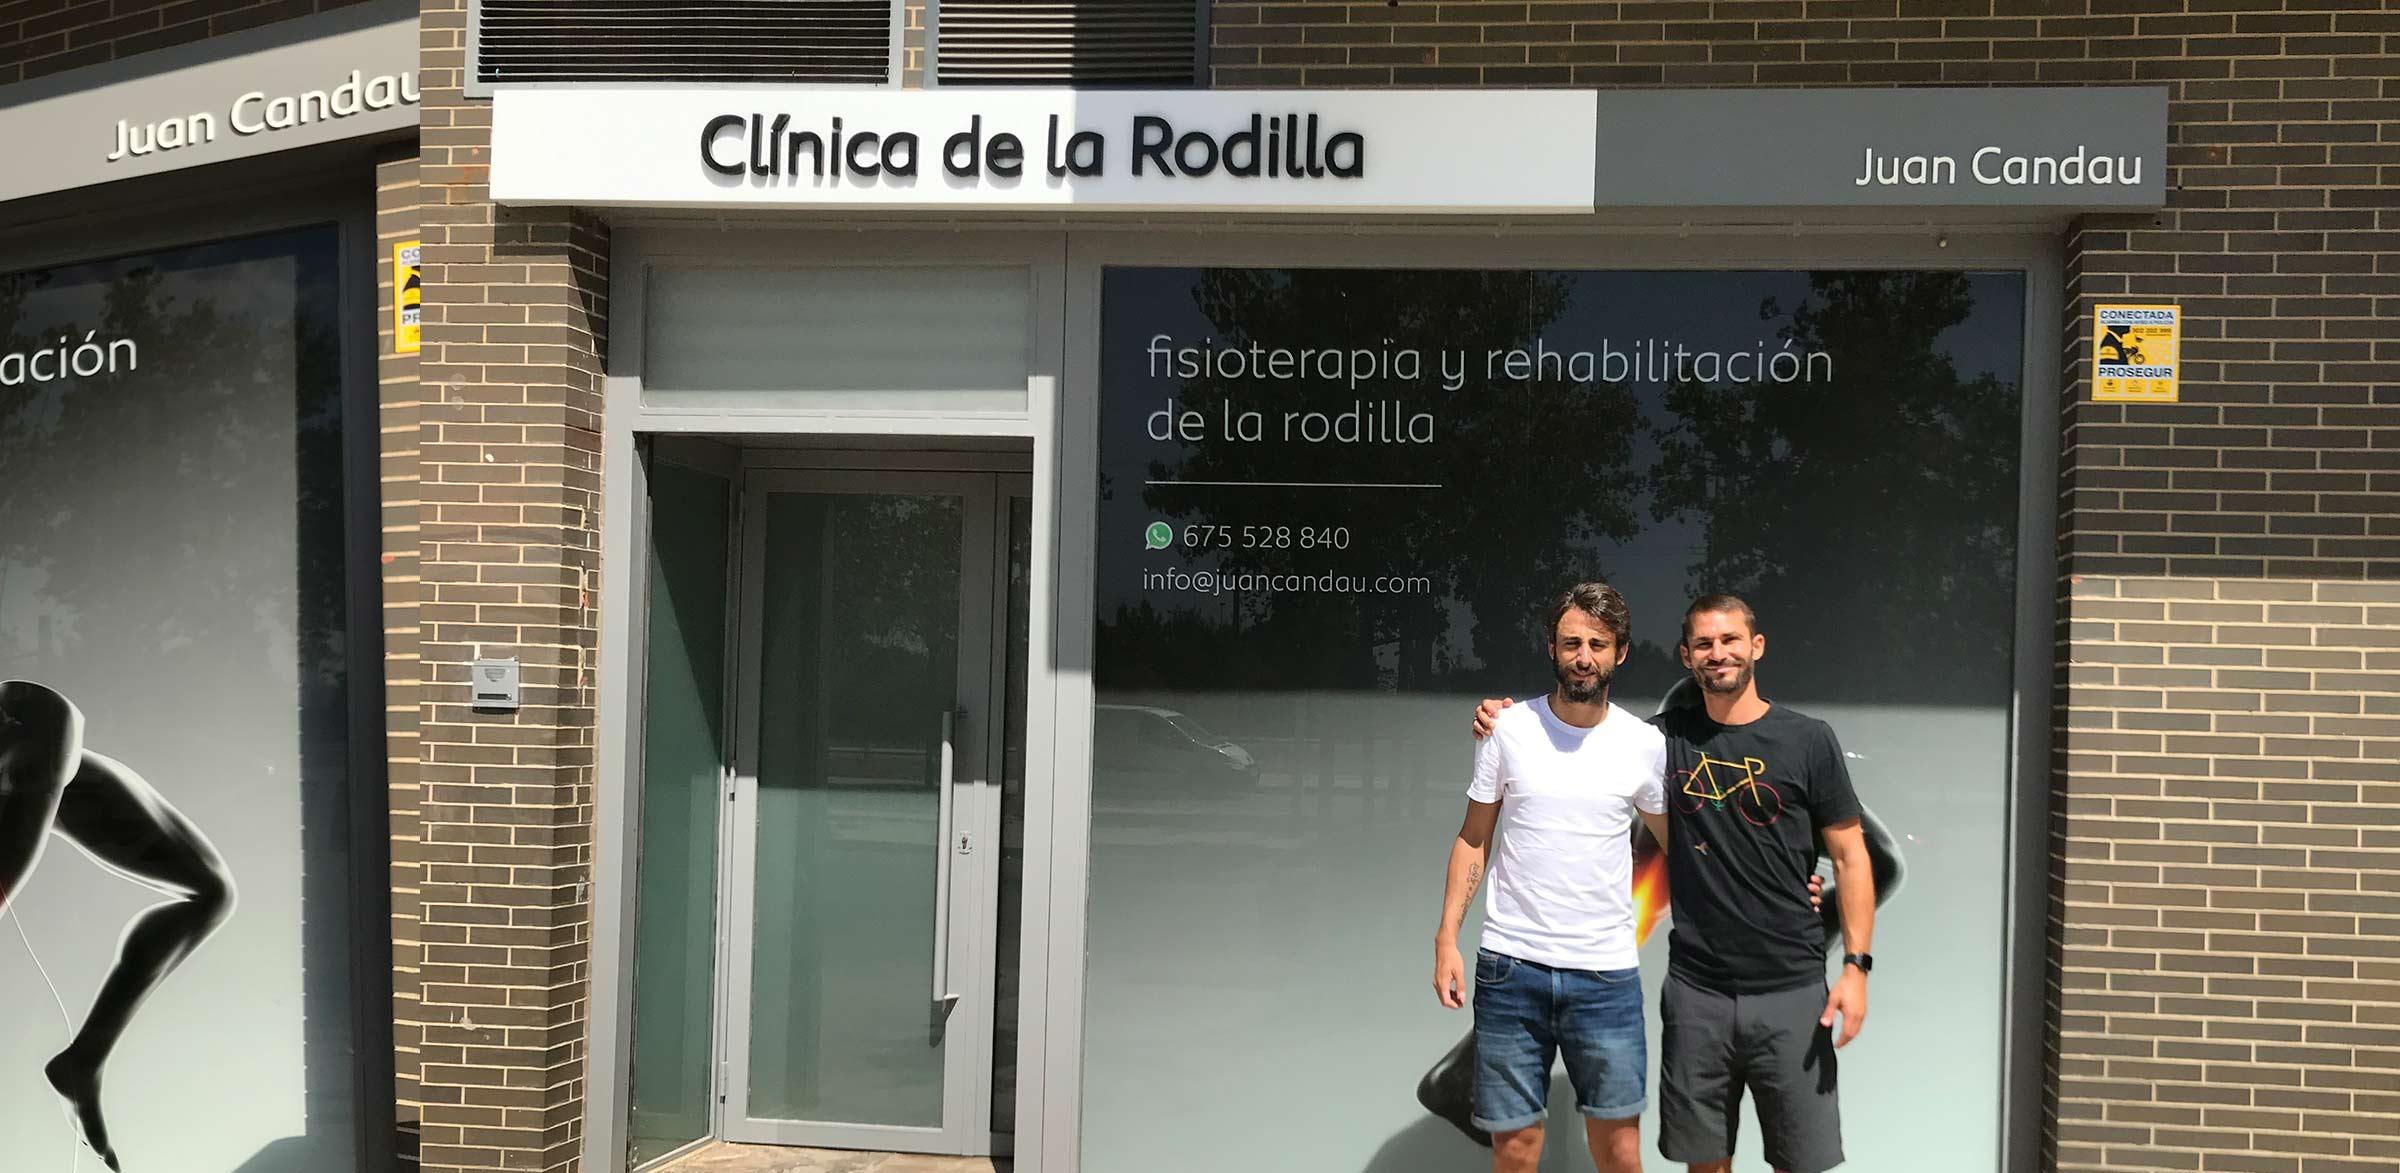 Clínica de la Rodilla